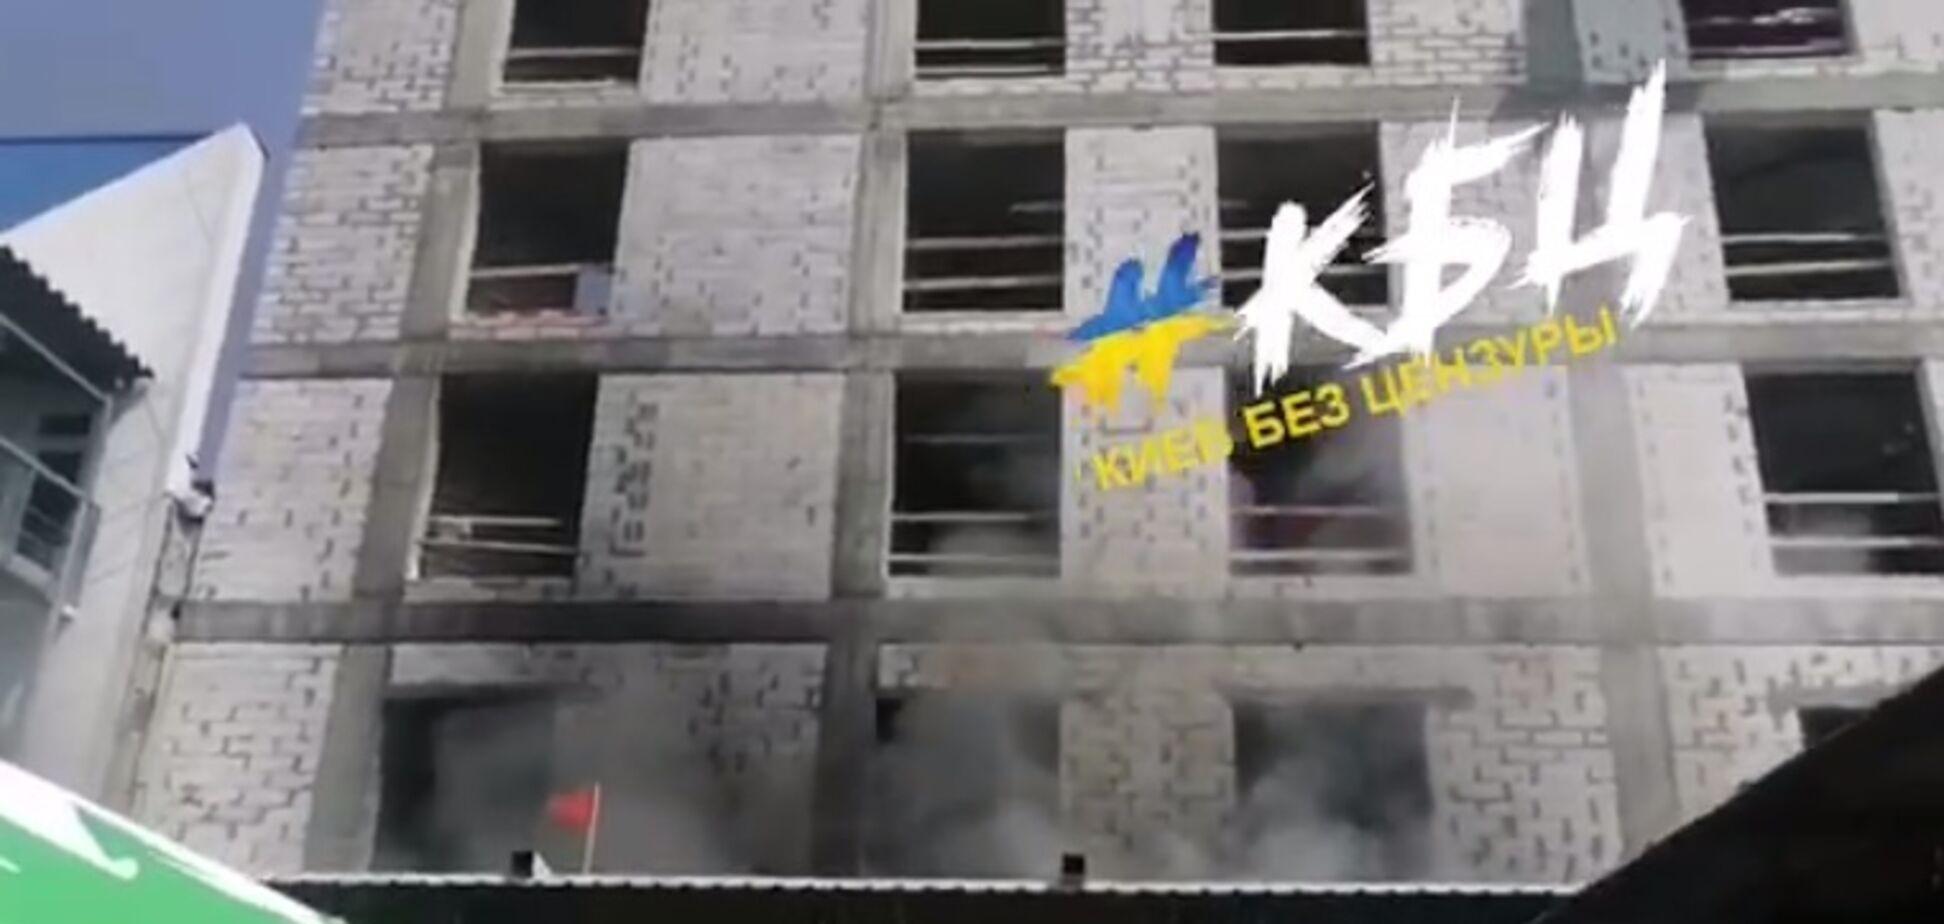 Біля ТРЦ в Києві загорілася будівля